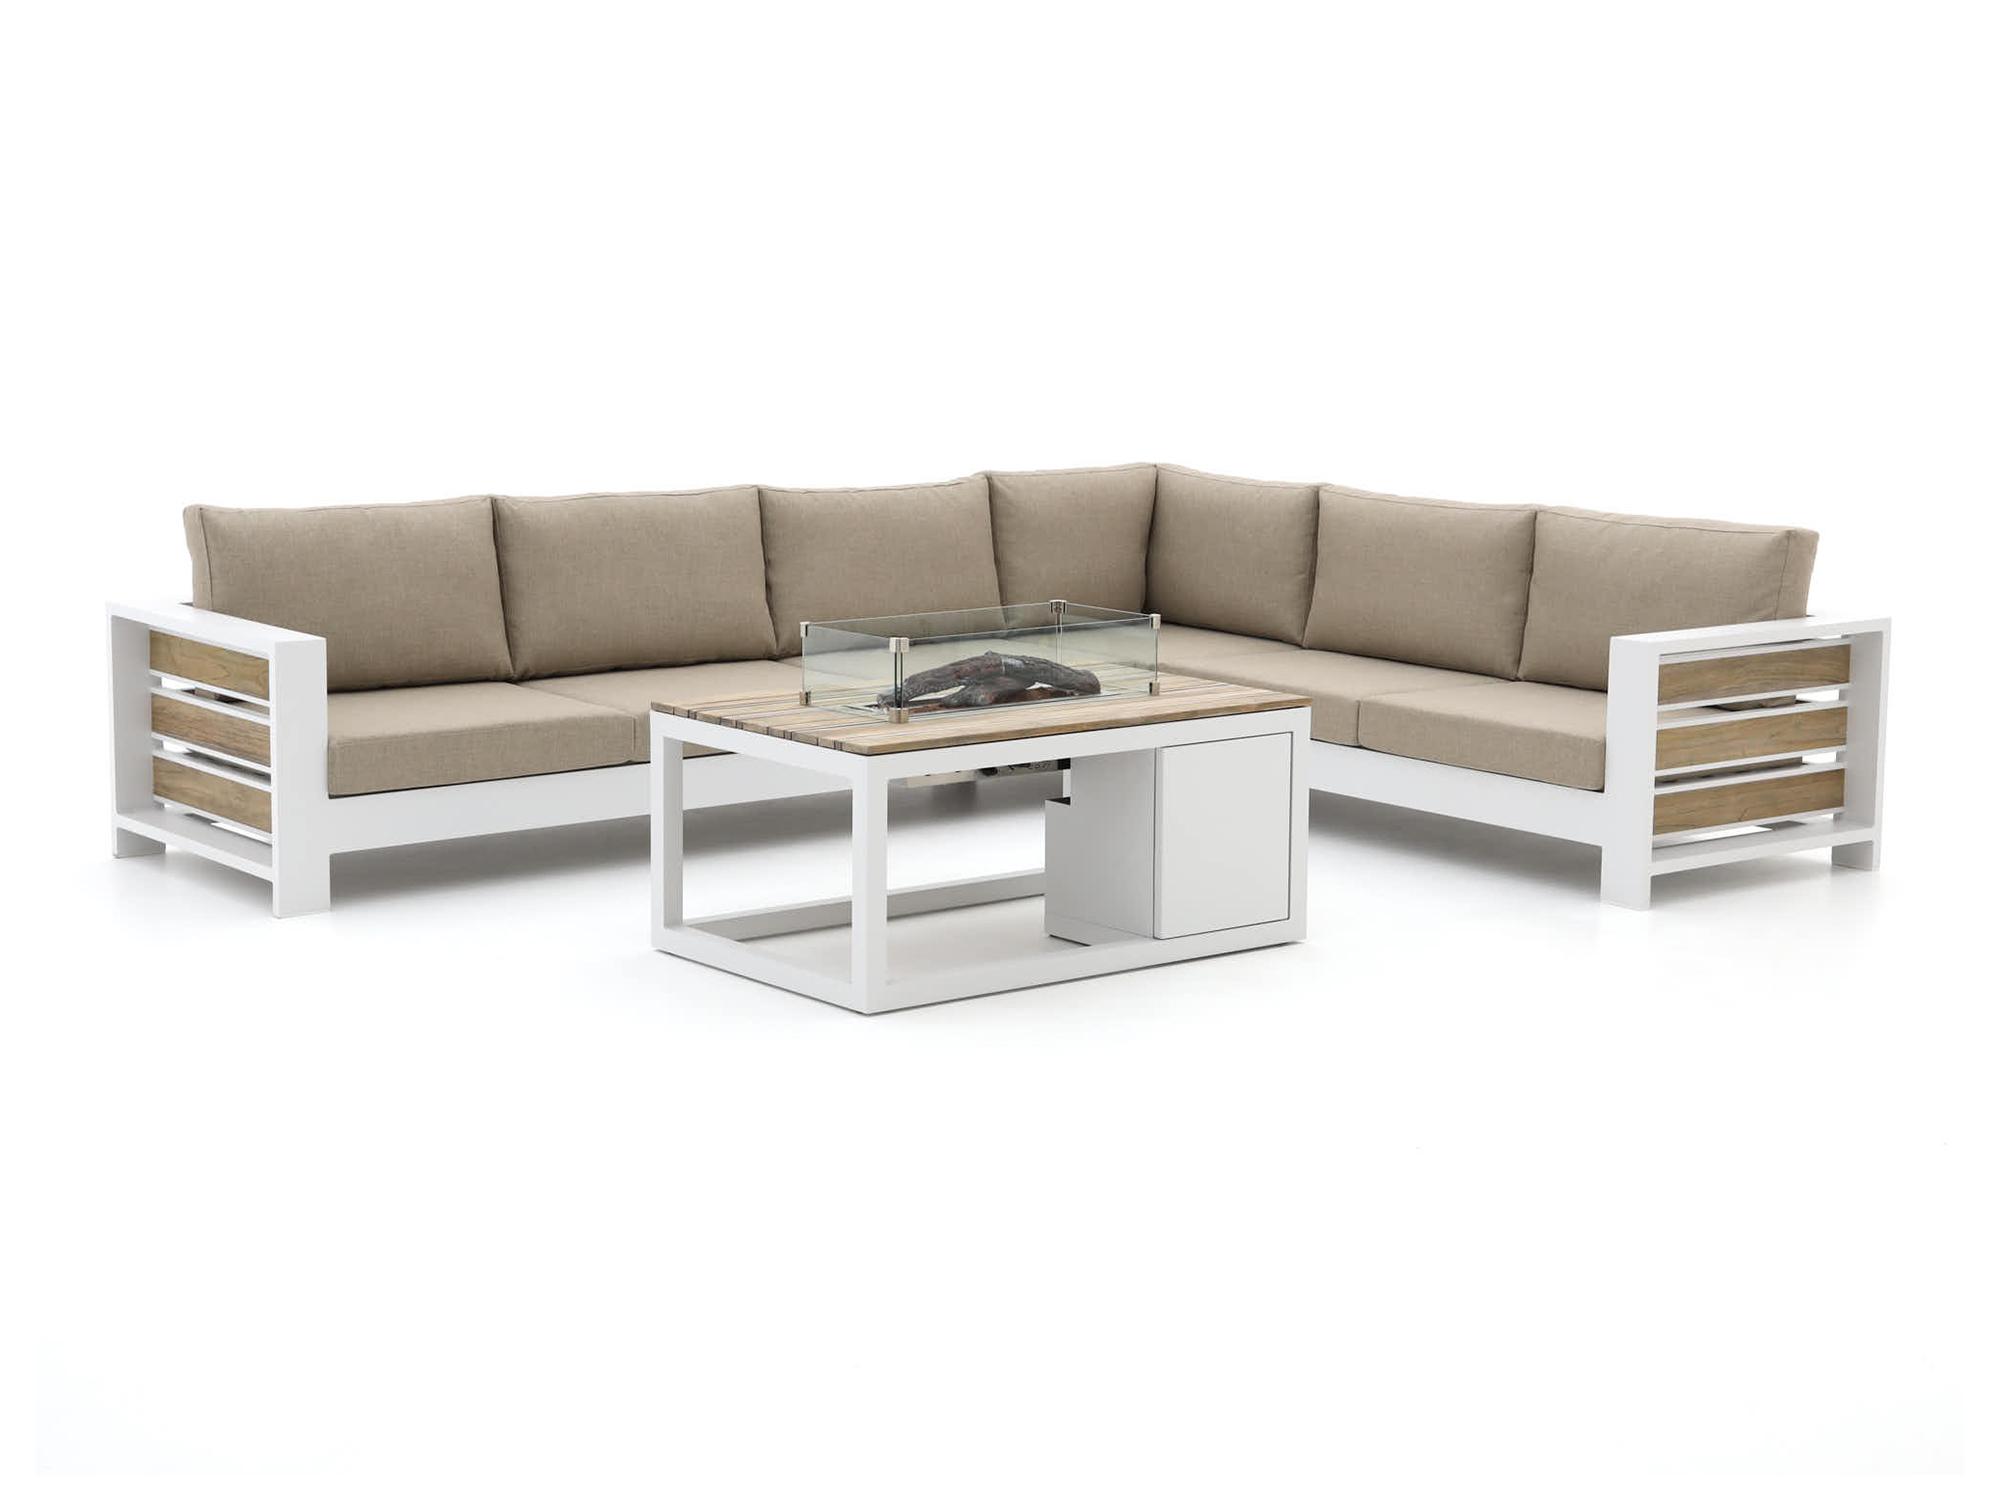 Bellagio Avolo/Cosiraw 120cm hoek loungeset 3-delig rechts - Laagste prijsgarantie!